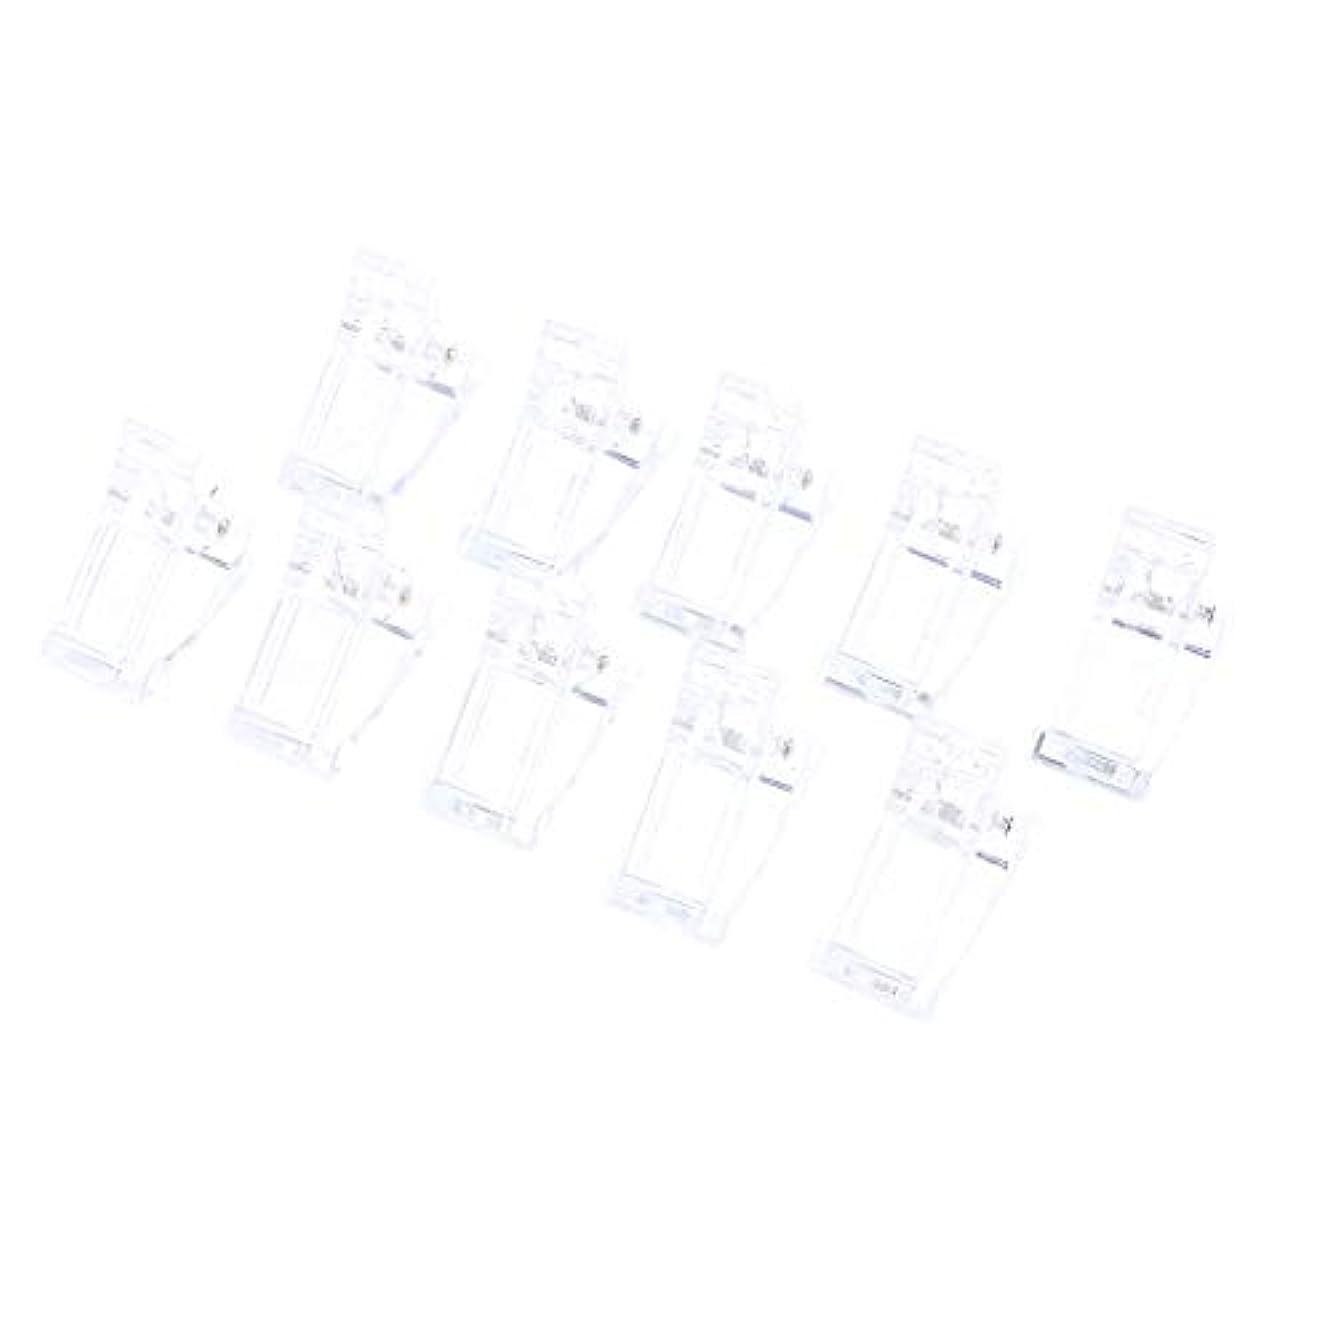 銀行ベンチ根拠10ピース/セットポリゲルクイックビルネイルアートのヒントクリップ爪用 - UV Ledネイルプラスチックアシスタントツール